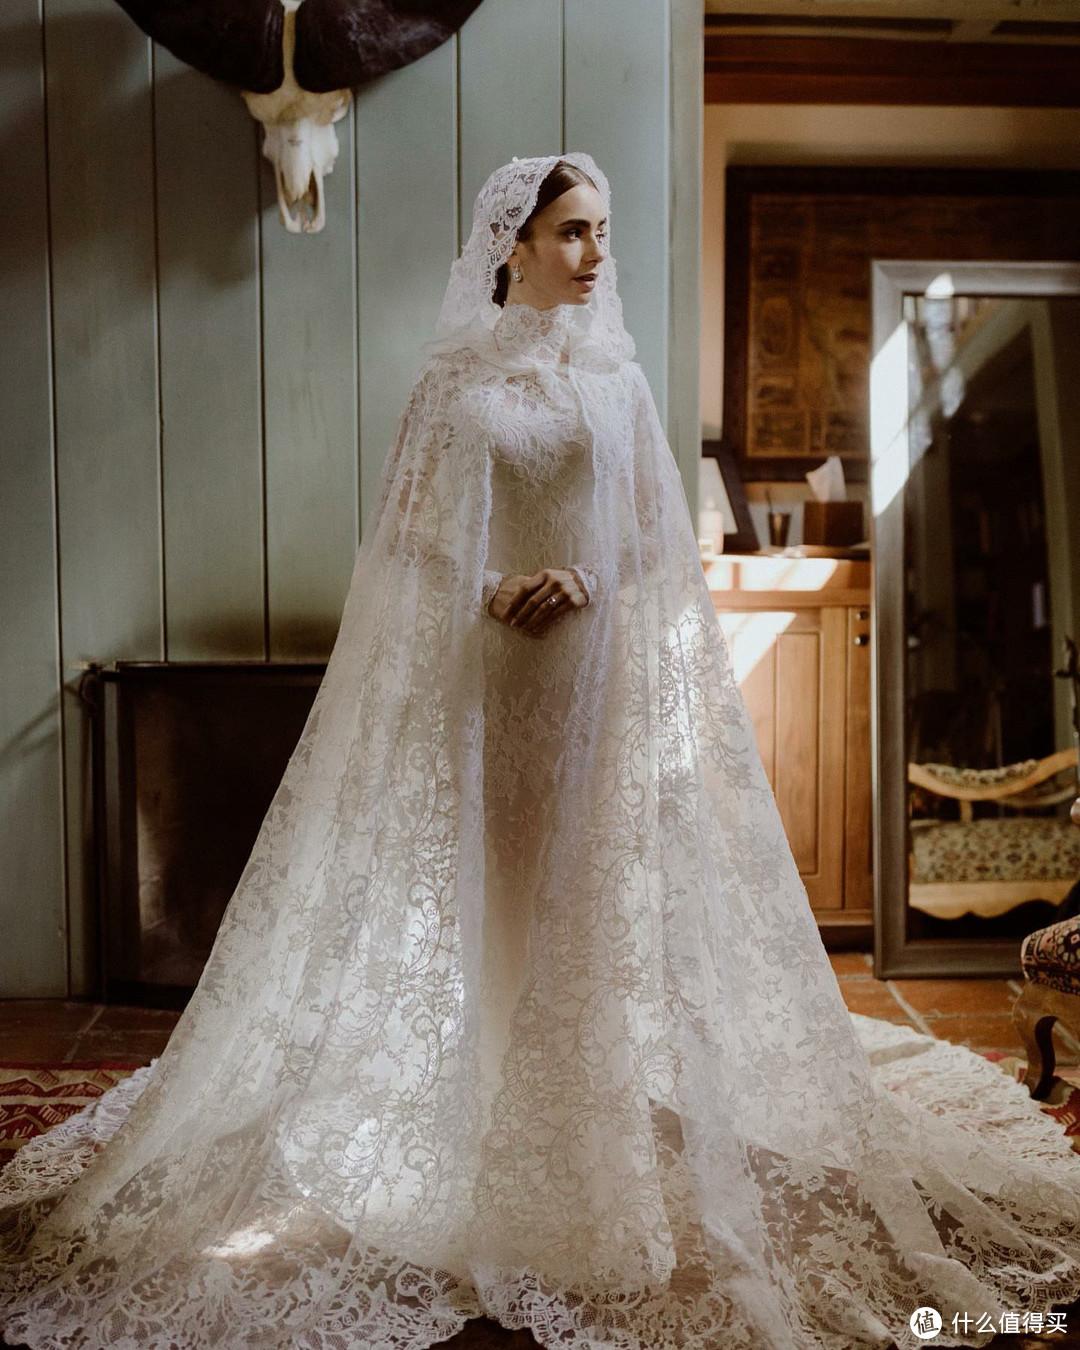 最美白雪公主结婚!32岁莉莉柯林斯红毯惊艳,私服一件军绿外套穿了好几年